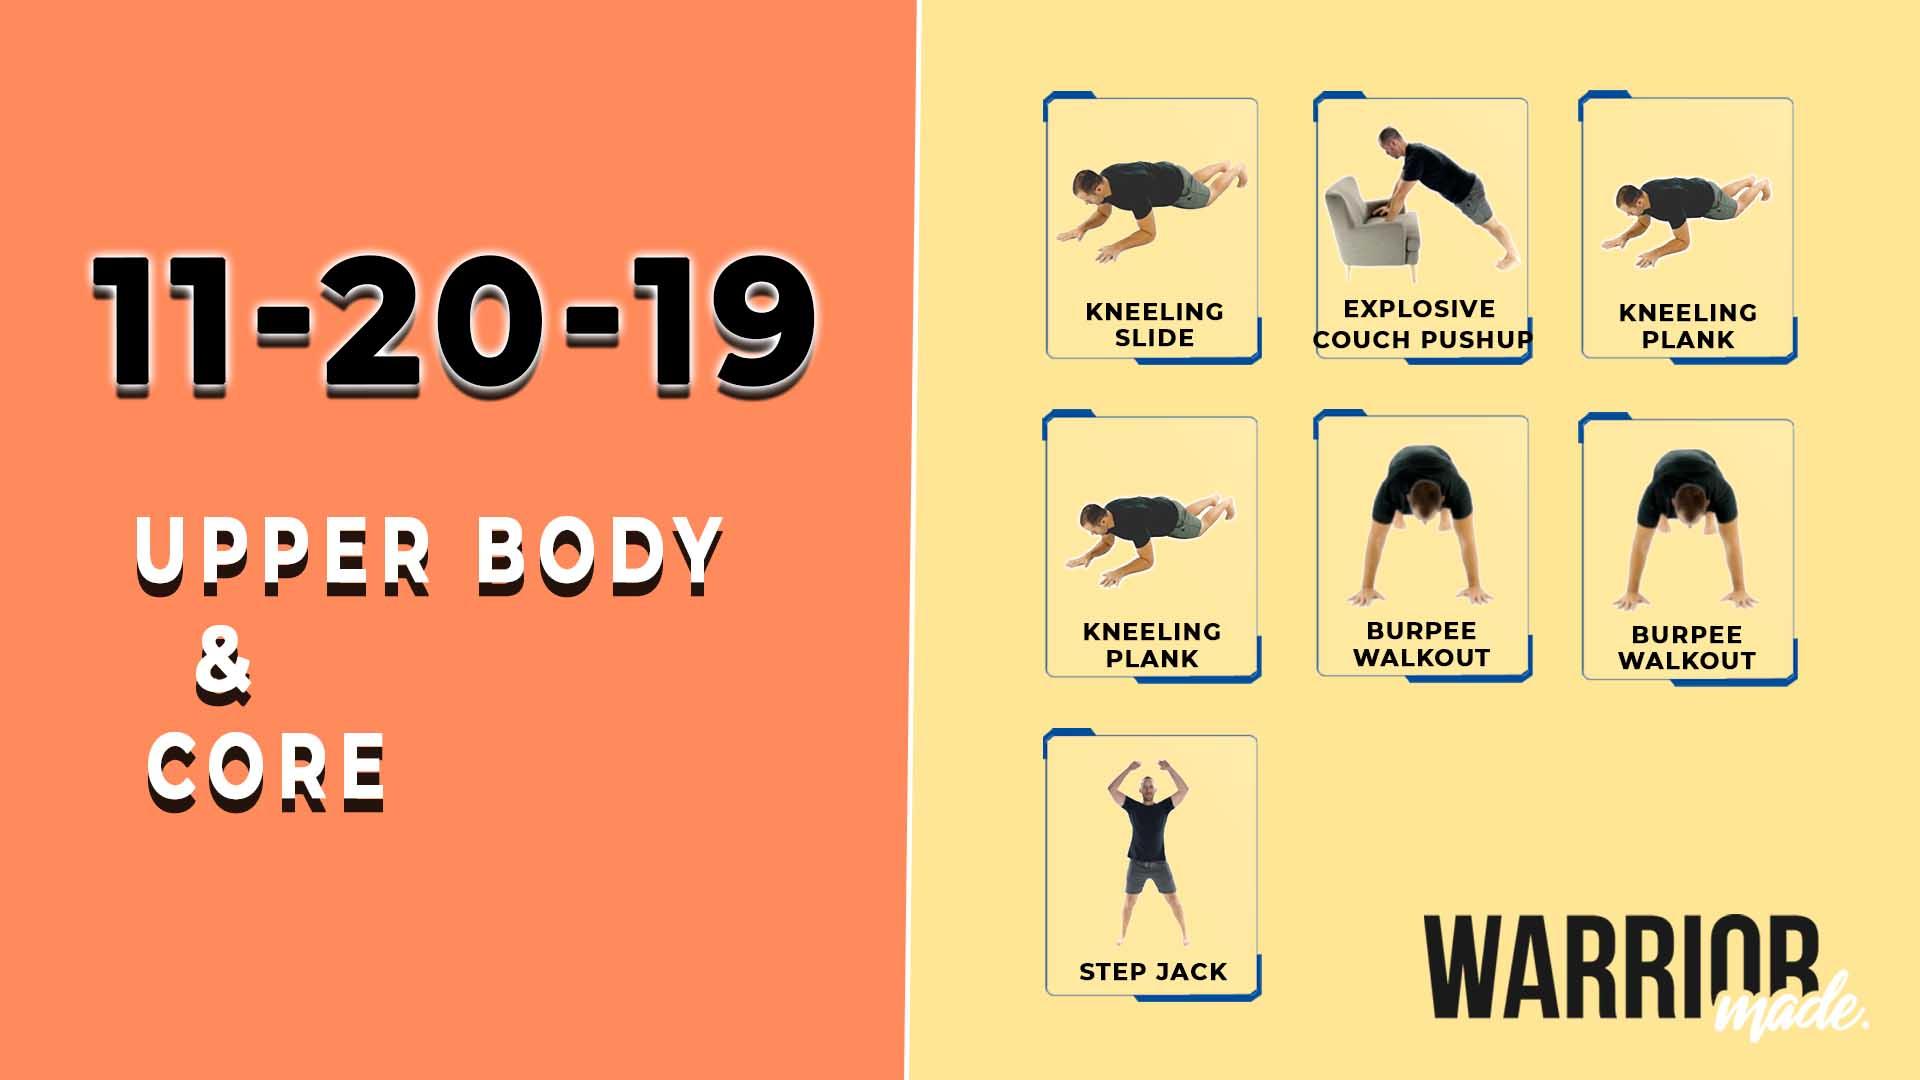 workouts-11-20-19